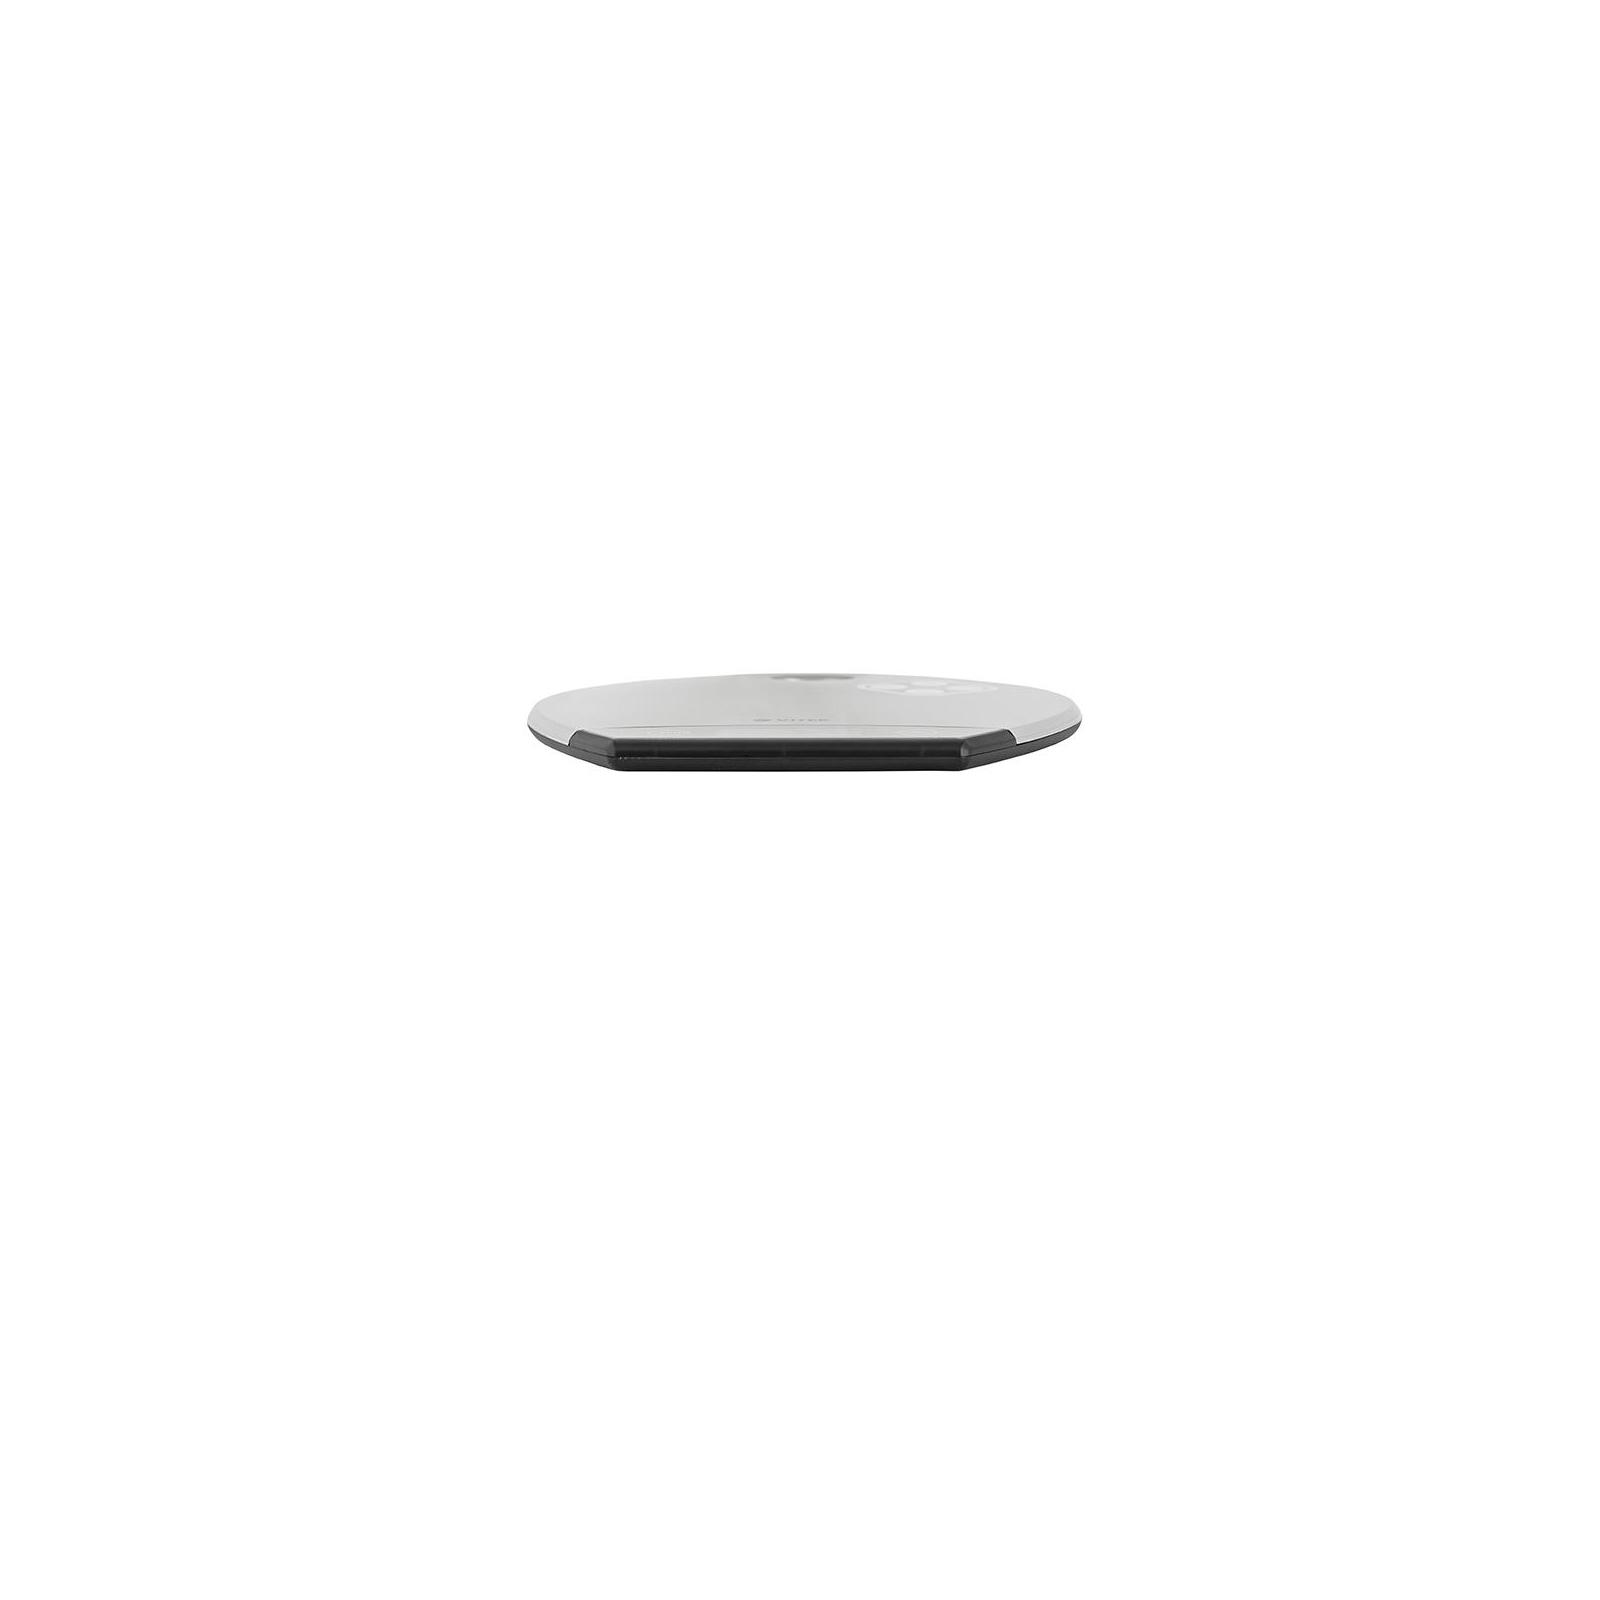 Весы кухонные Vitek VT-8021 ST изображение 3